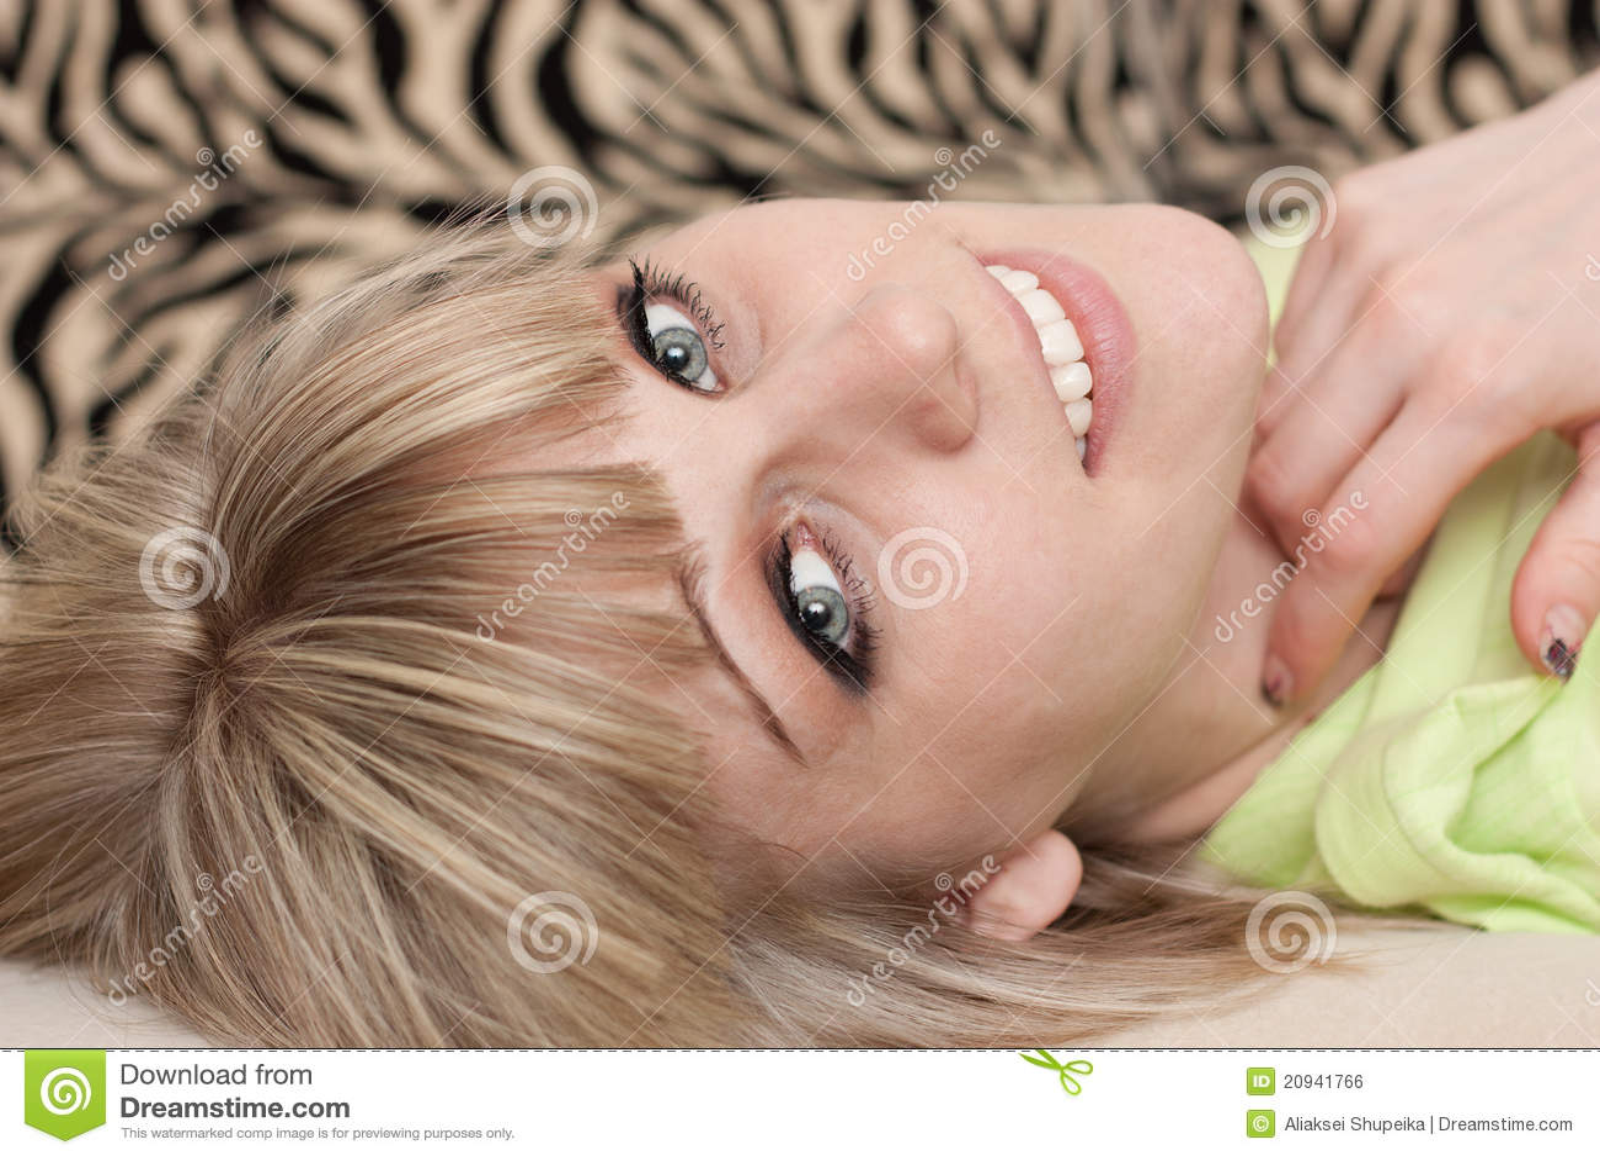 фото откровенное трансвеститов